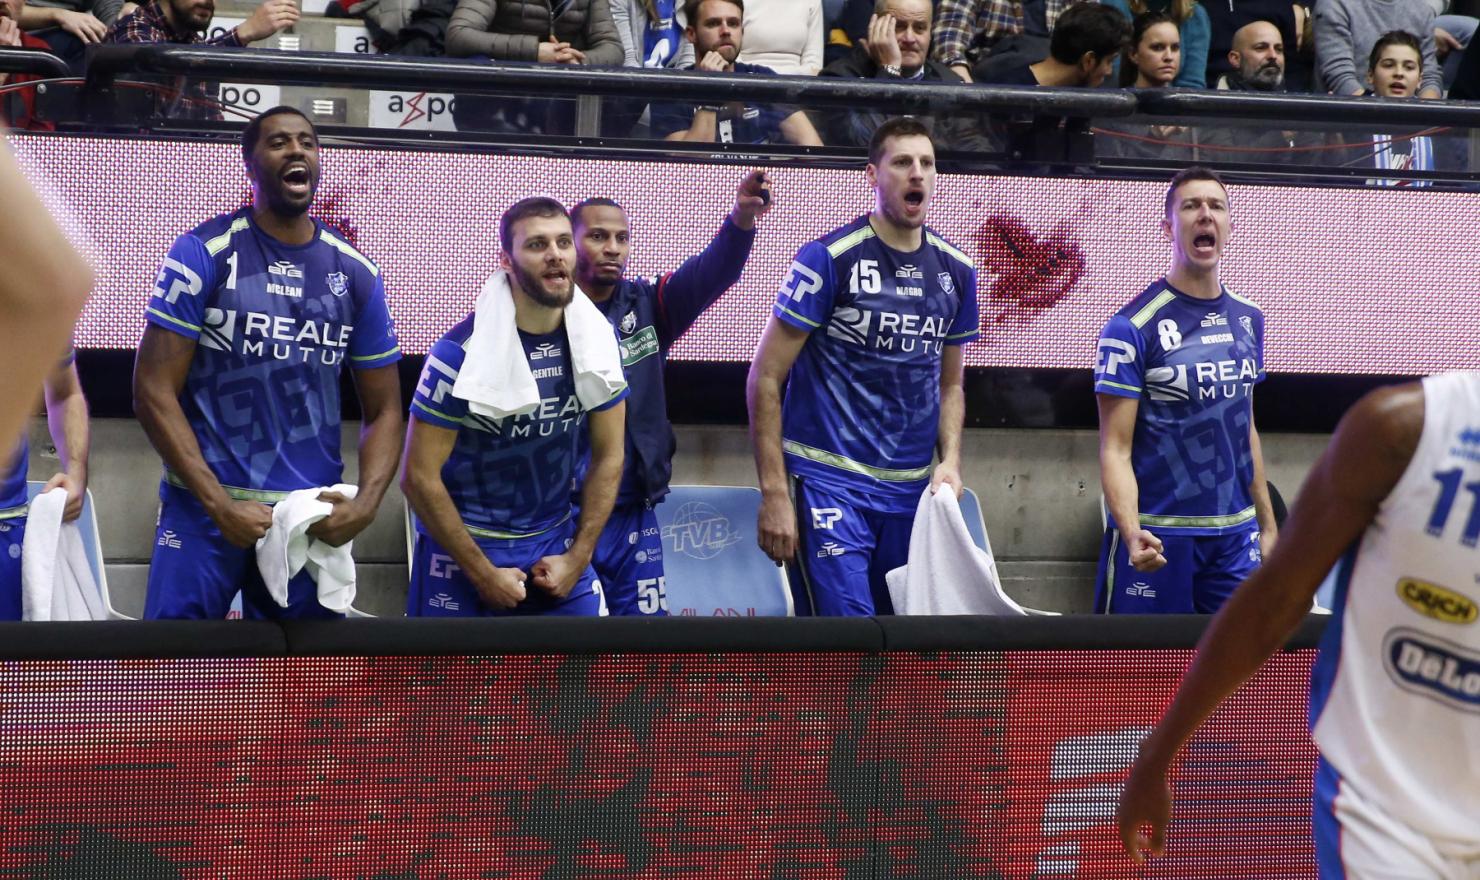 Una Dinamo Banco di Sardegna devastante vince 101 a 79 a Treviso e vola al secondo posto solitario in classifica, a 2 punti dalla capolista Virtus Segafredo Bologna.